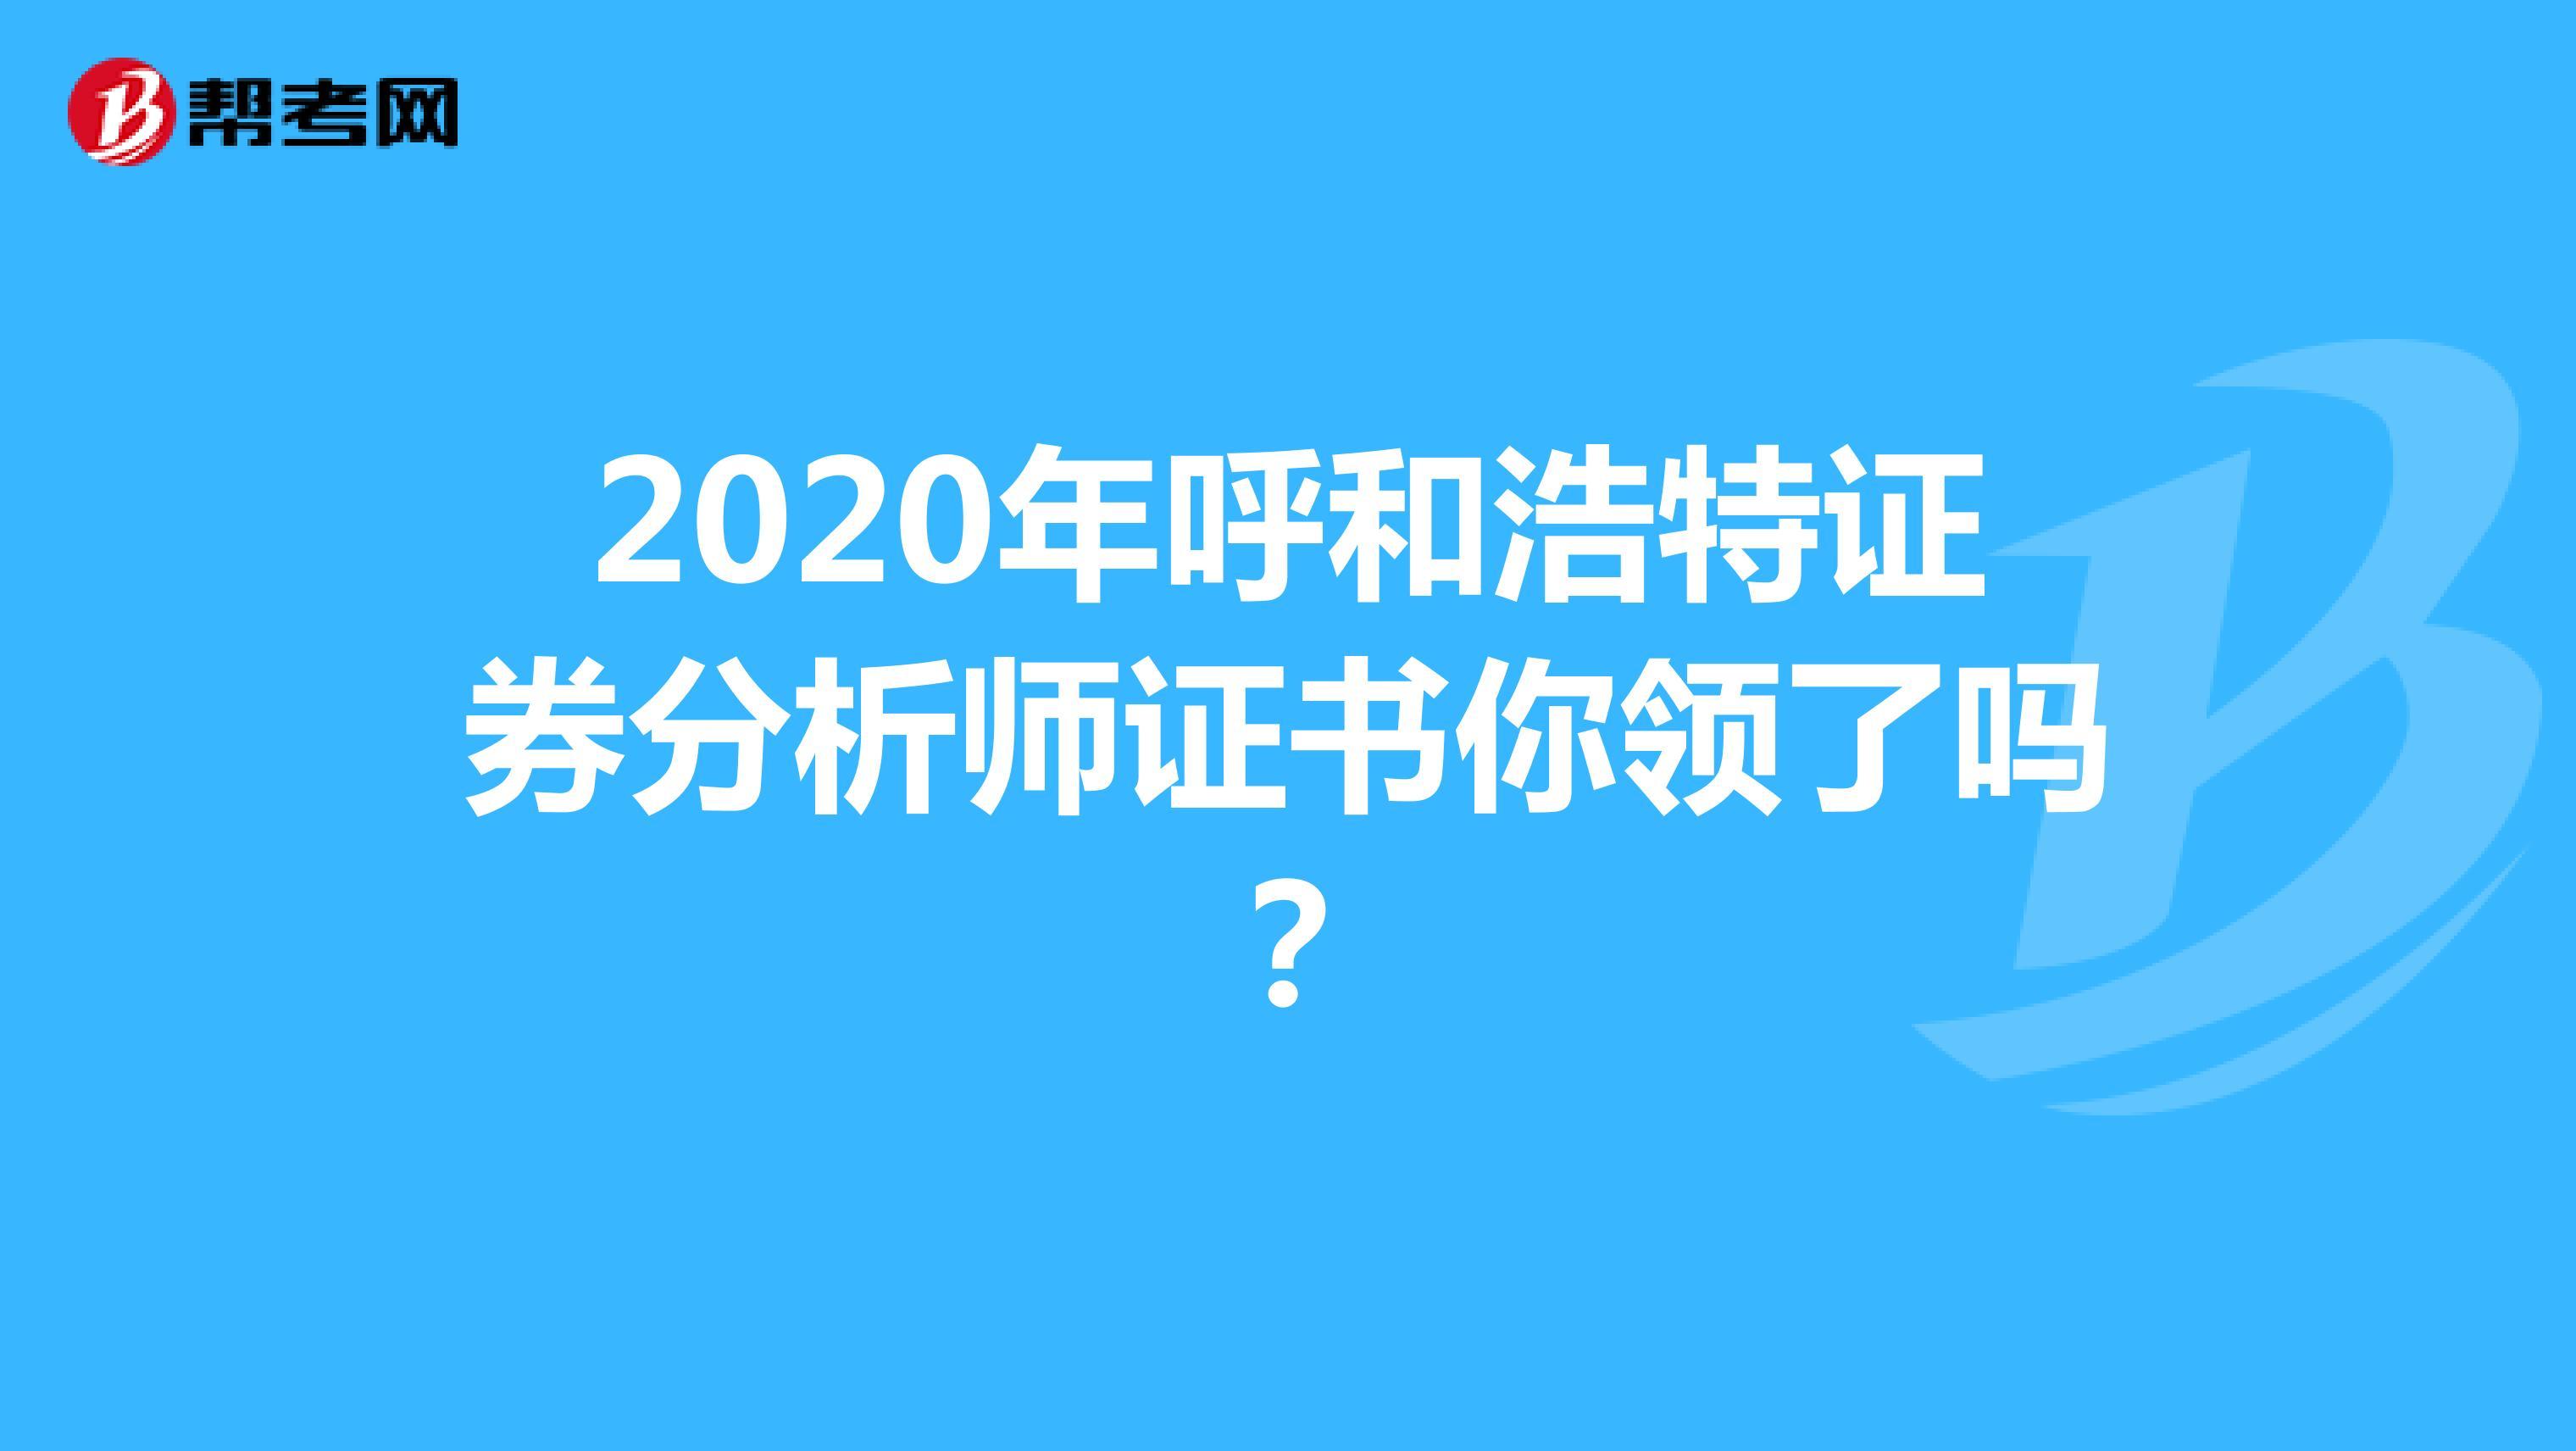 2020年呼和浩特证券分析师证书你领了吗?